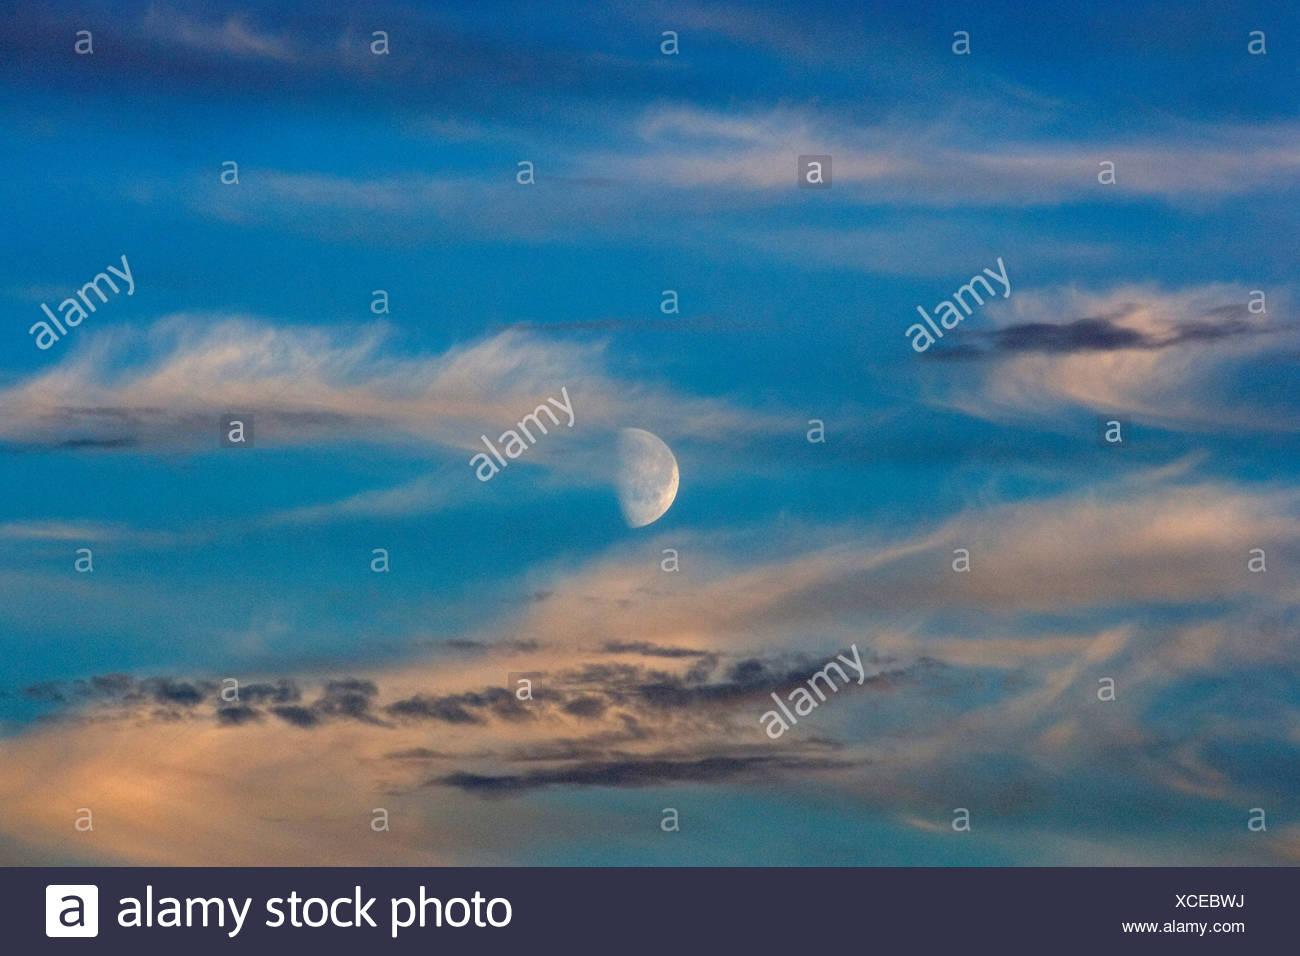 La demi-lune illuminée par le soleil de minuit Photo Stock